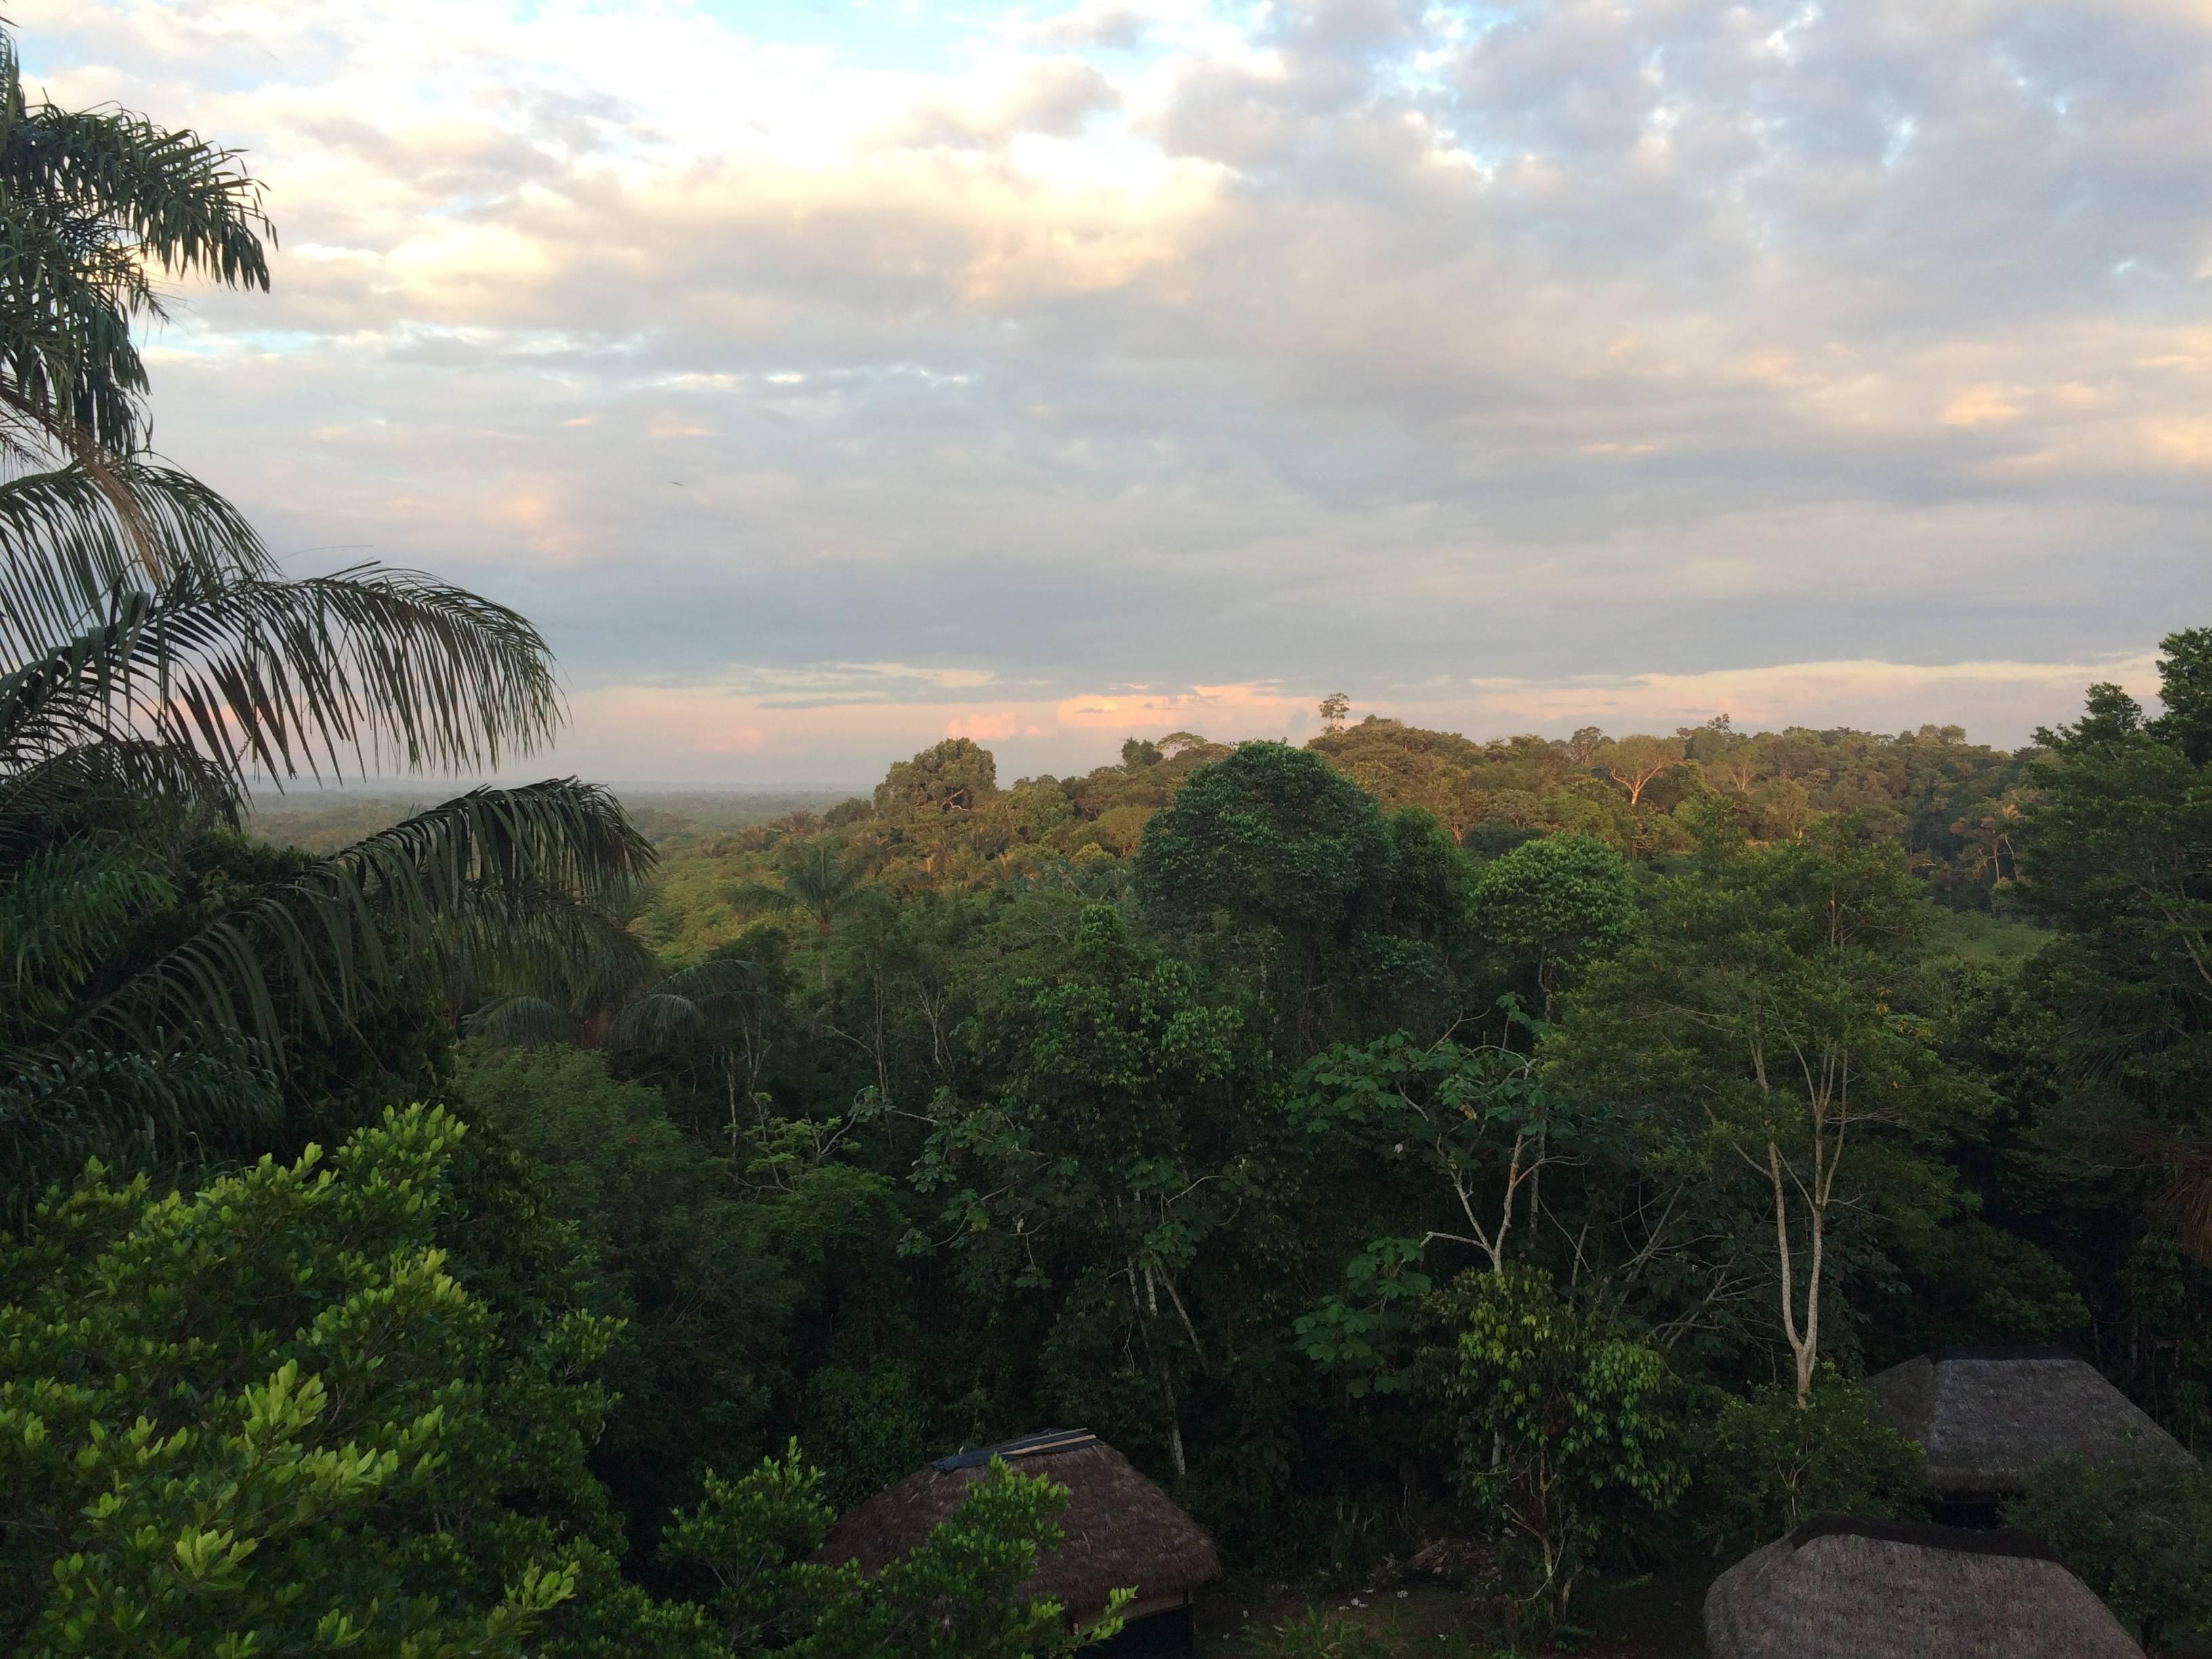 Photo 3: La Réserve Cuyabeno, au milieu de l'Amazonie